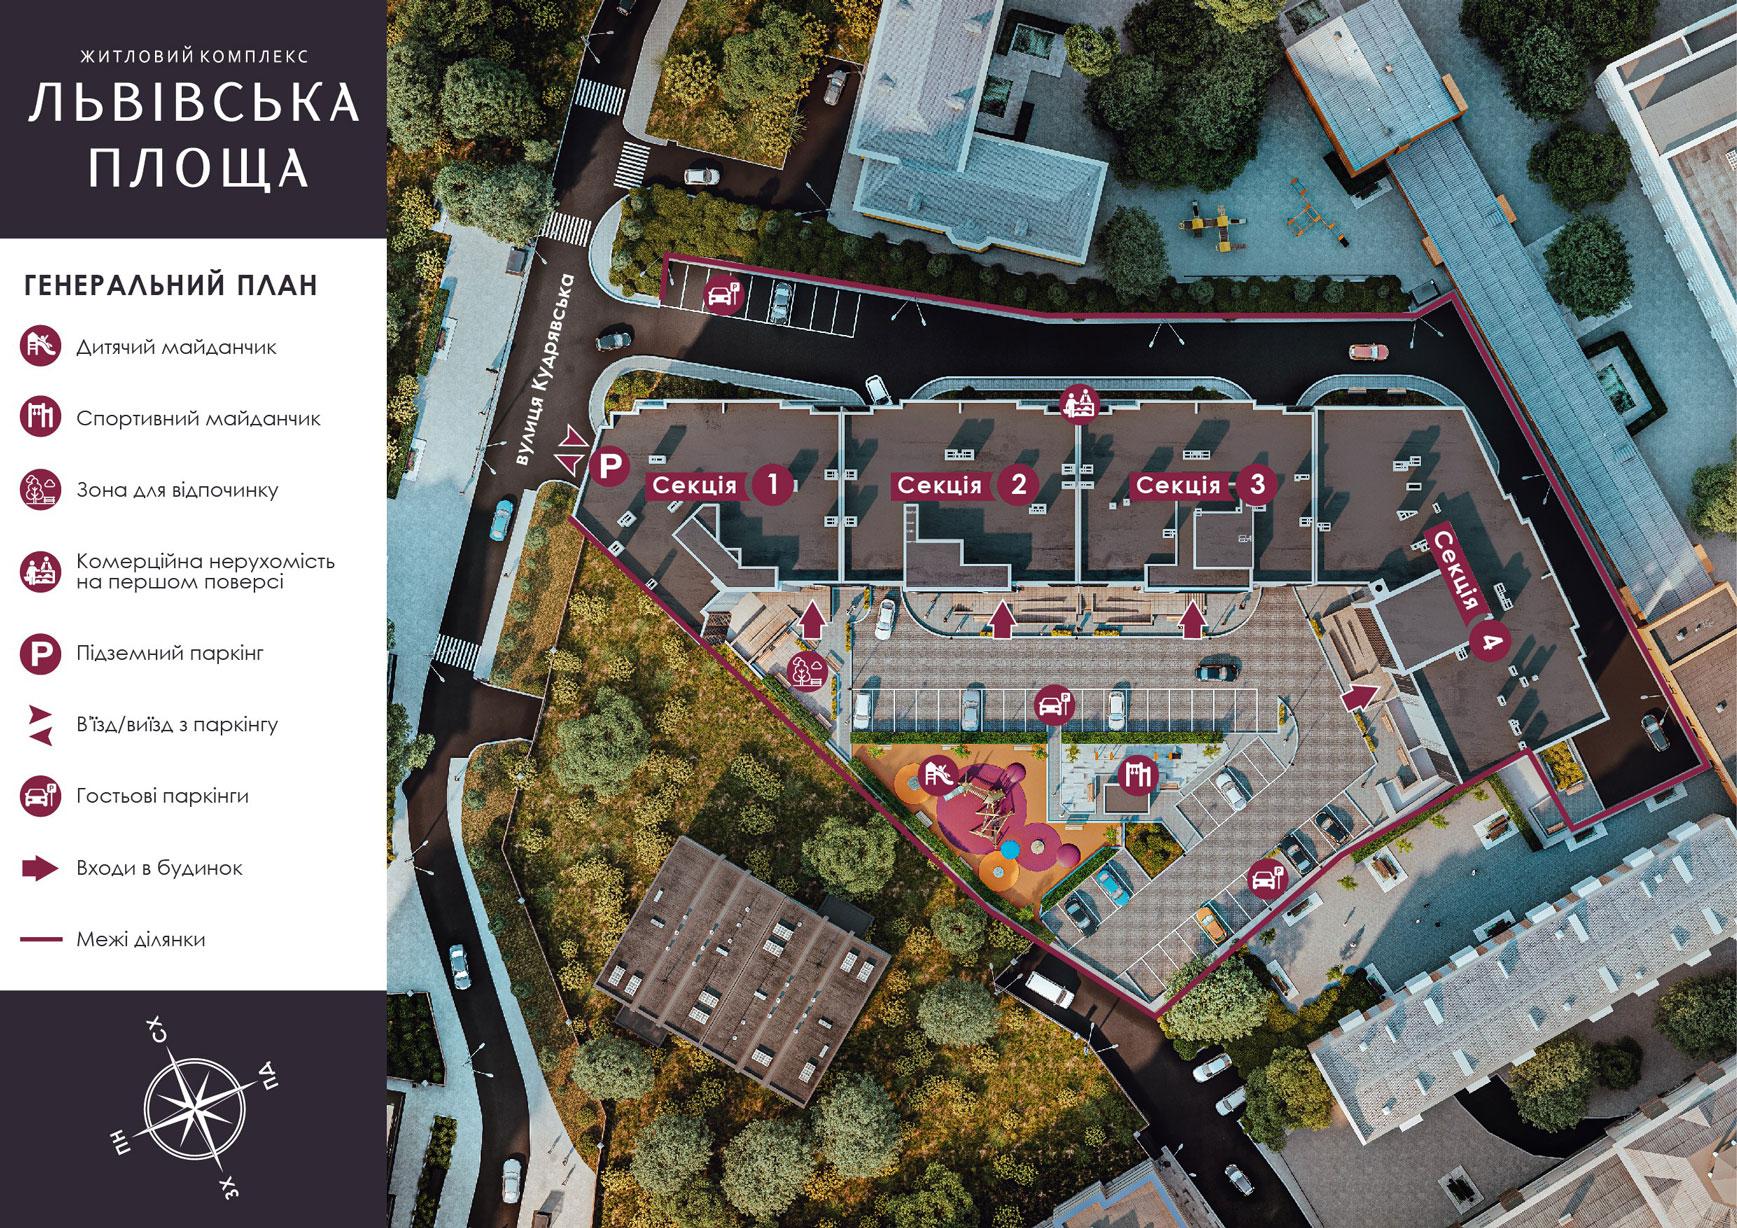 ЖК «Львовская Площадь» — генплан жилого комплекса